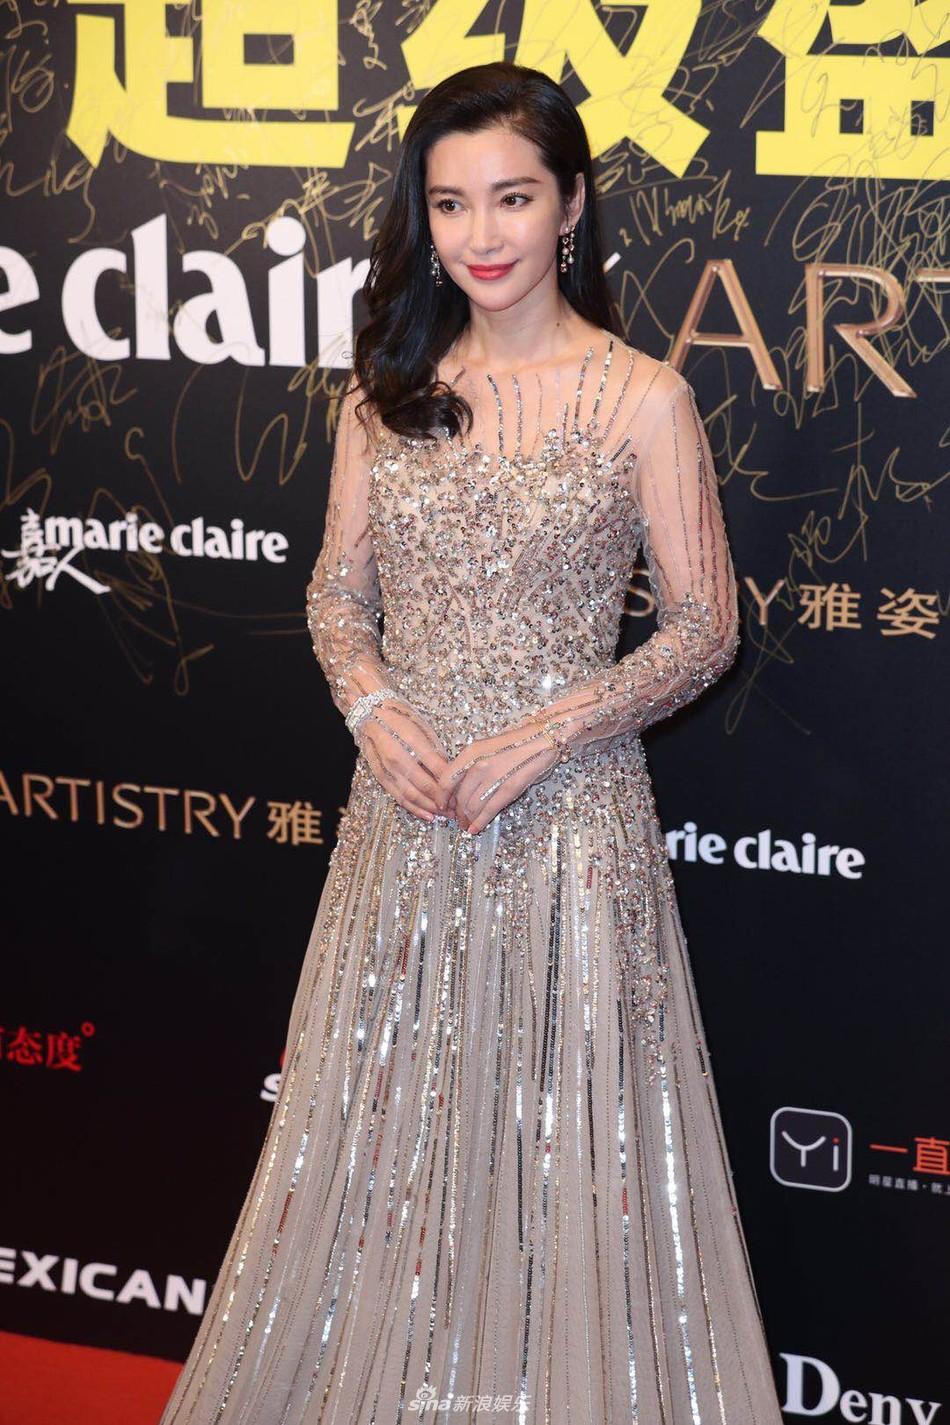 Thảm đỏ Marie Claire: Đường Yên chiếm sóng với chiếc váy đẹp xuất sắc, Lưu Diệc Phi kém sang hơn hẳn Dương Mịch - Angela Baby - Ảnh 16.